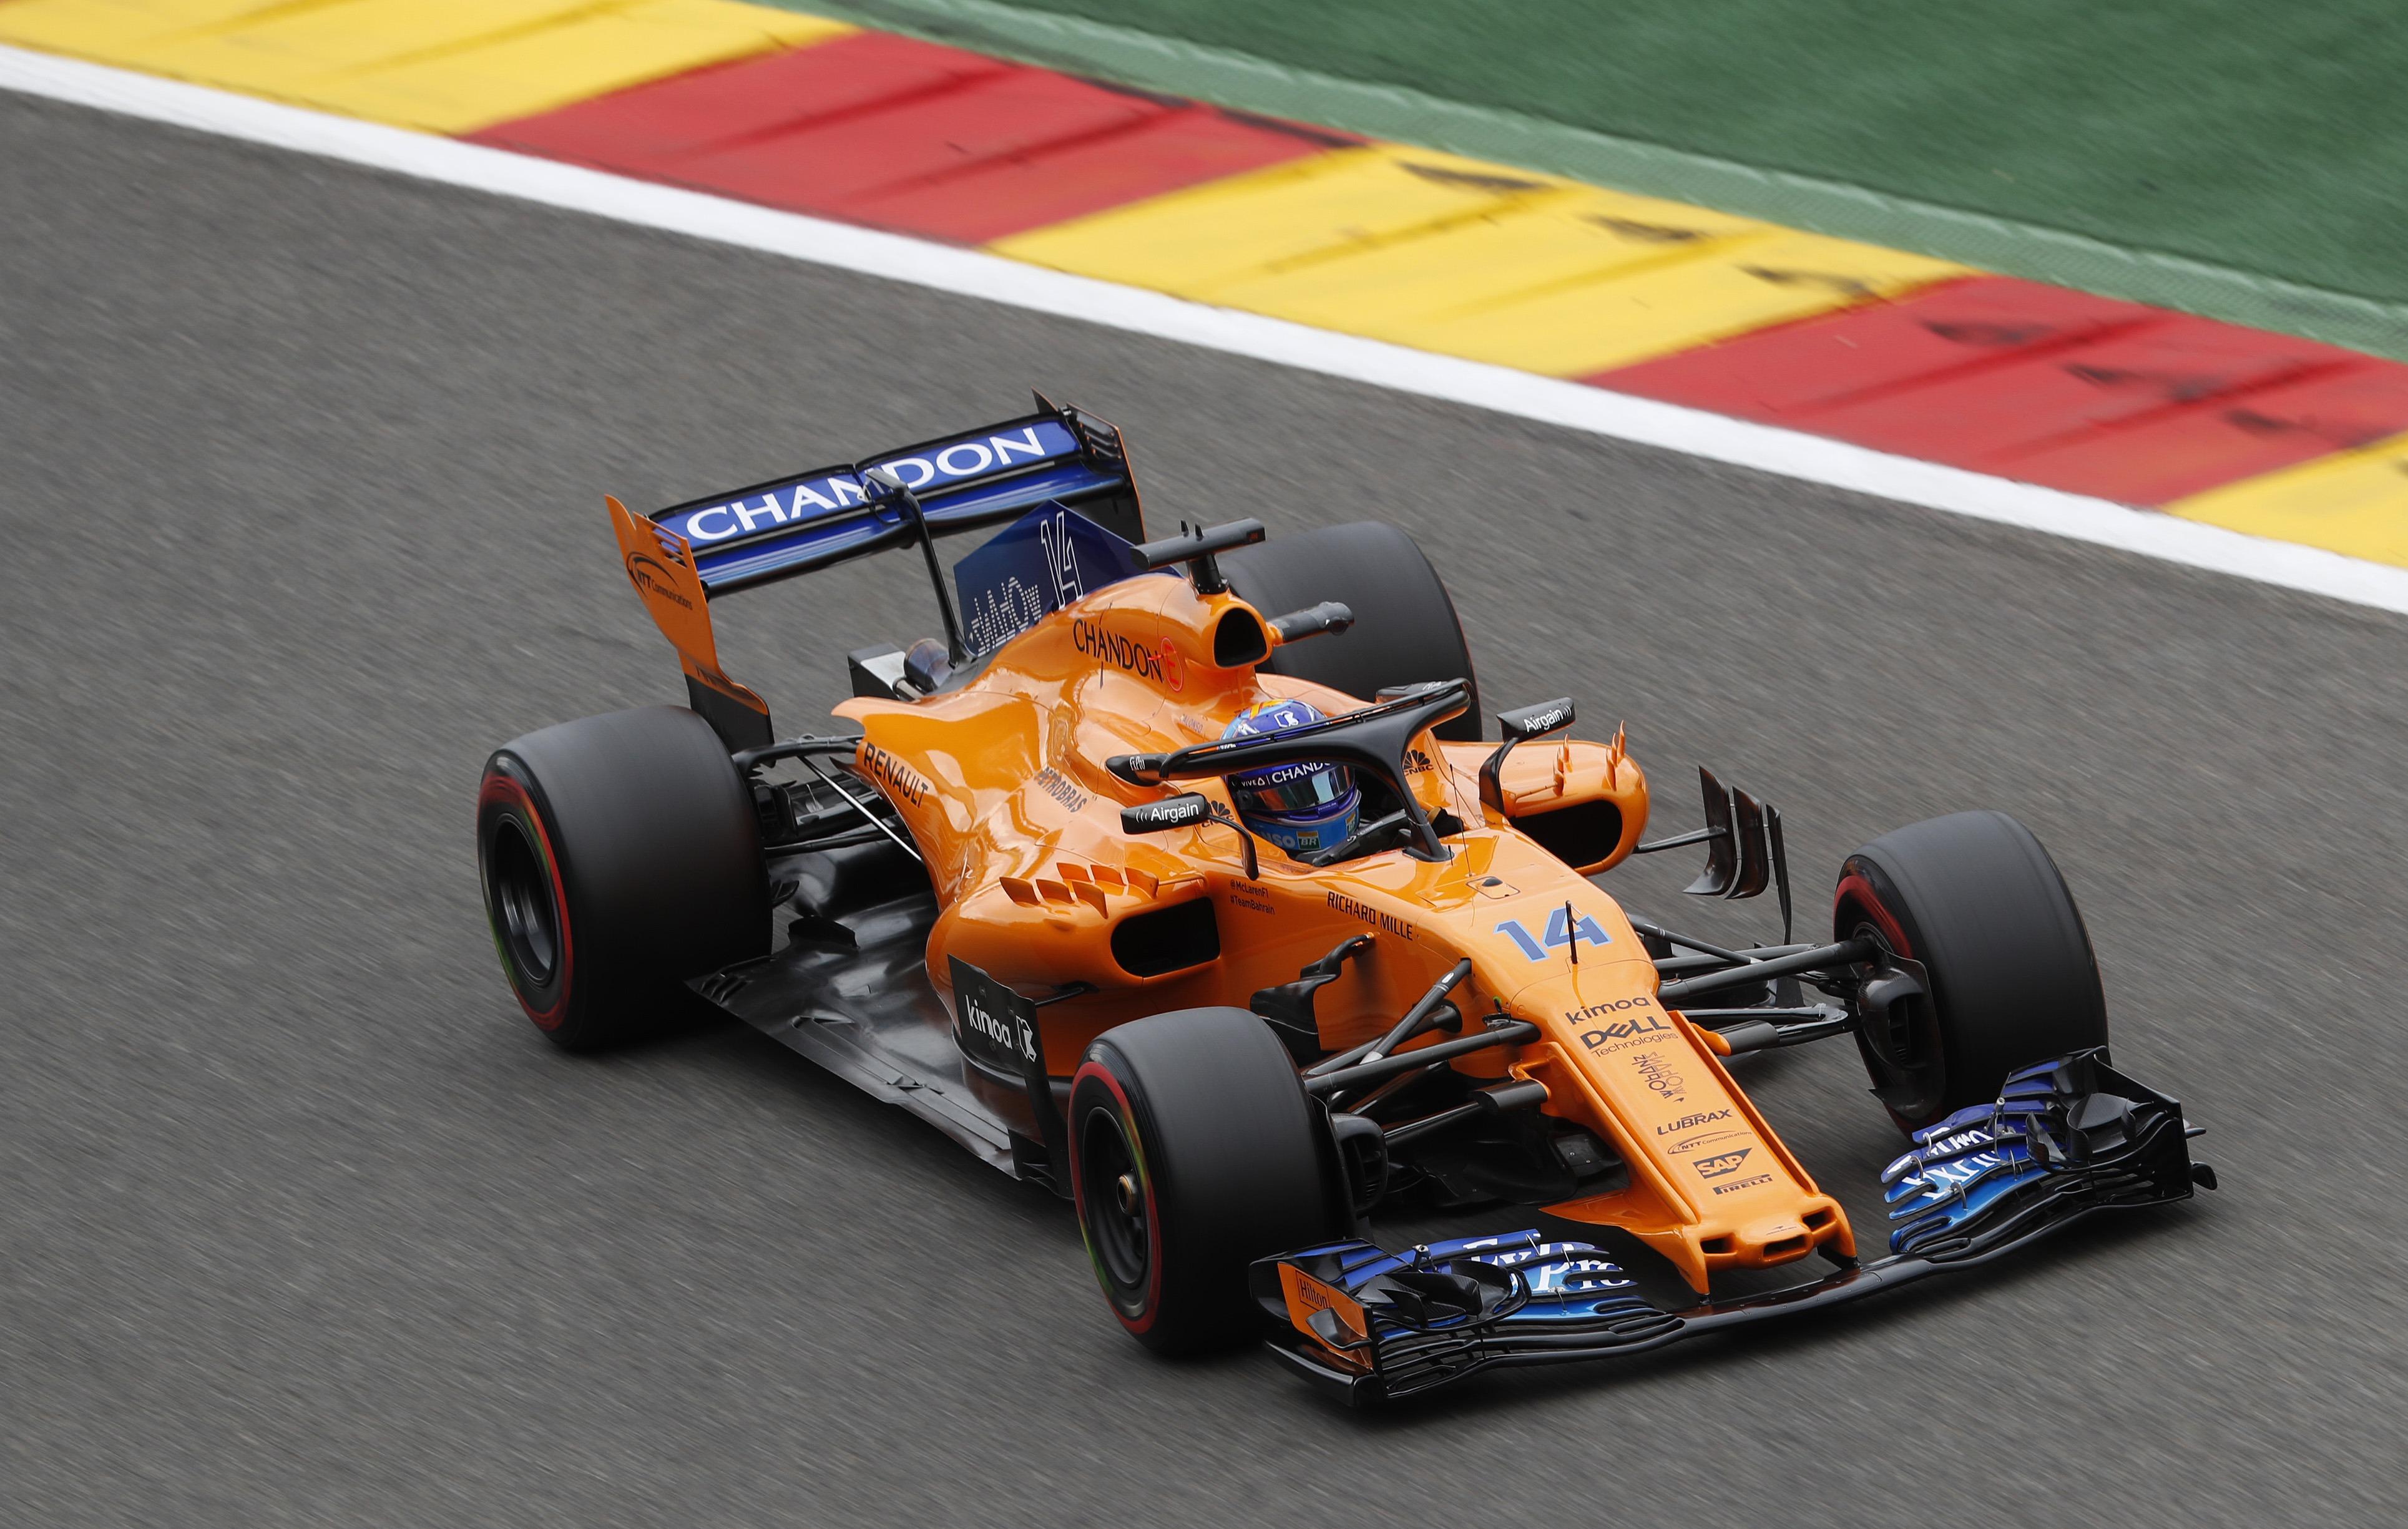 McLaren's view on Russia 2018